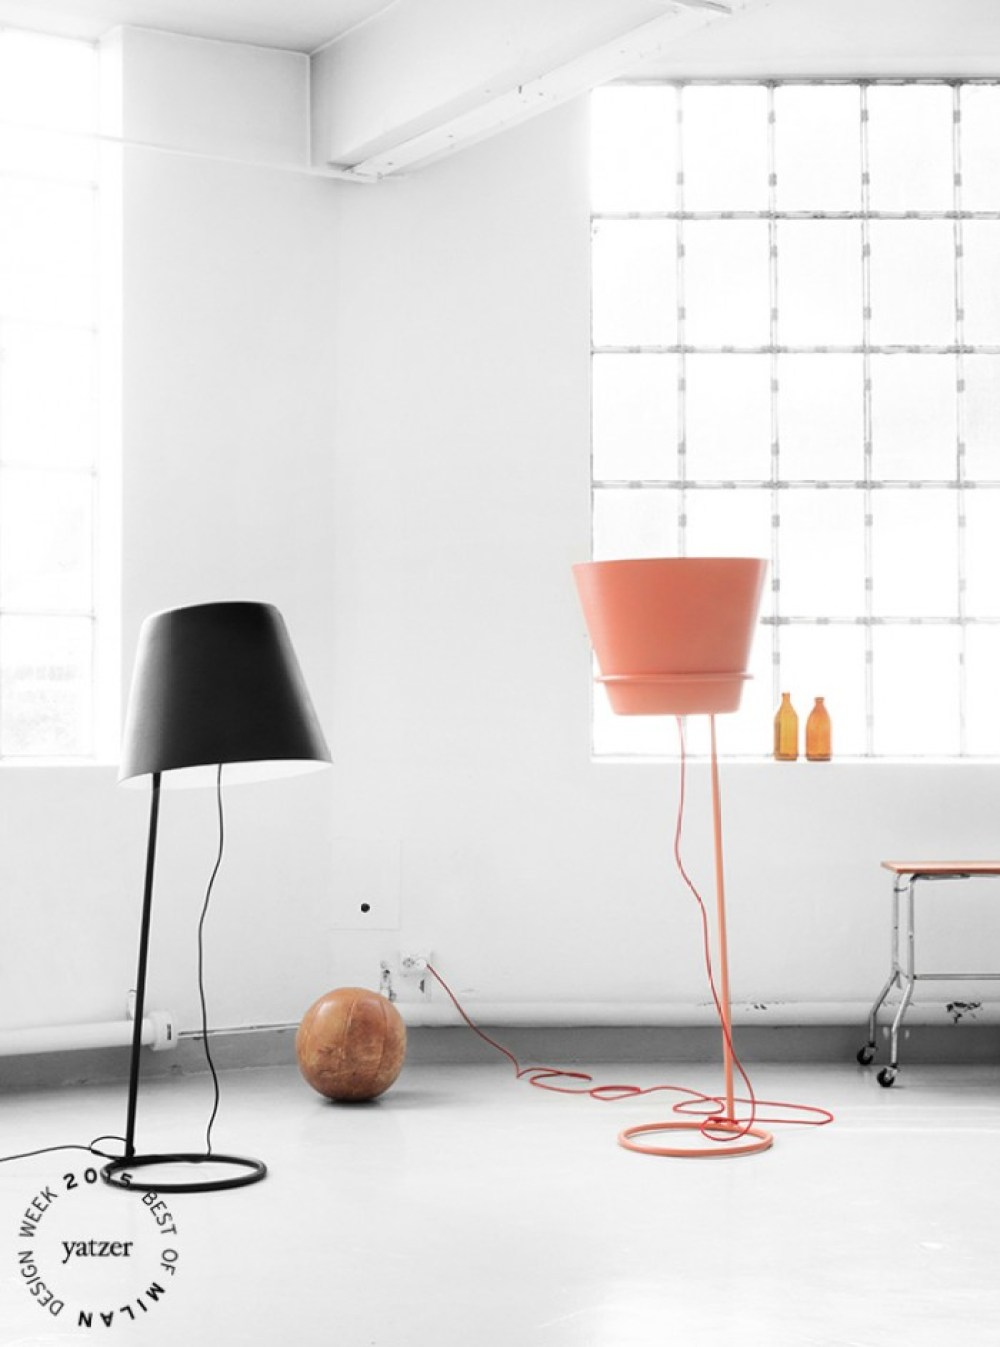 Morten-Jonas_milan_design_week_2015_yatzer-floor lamp